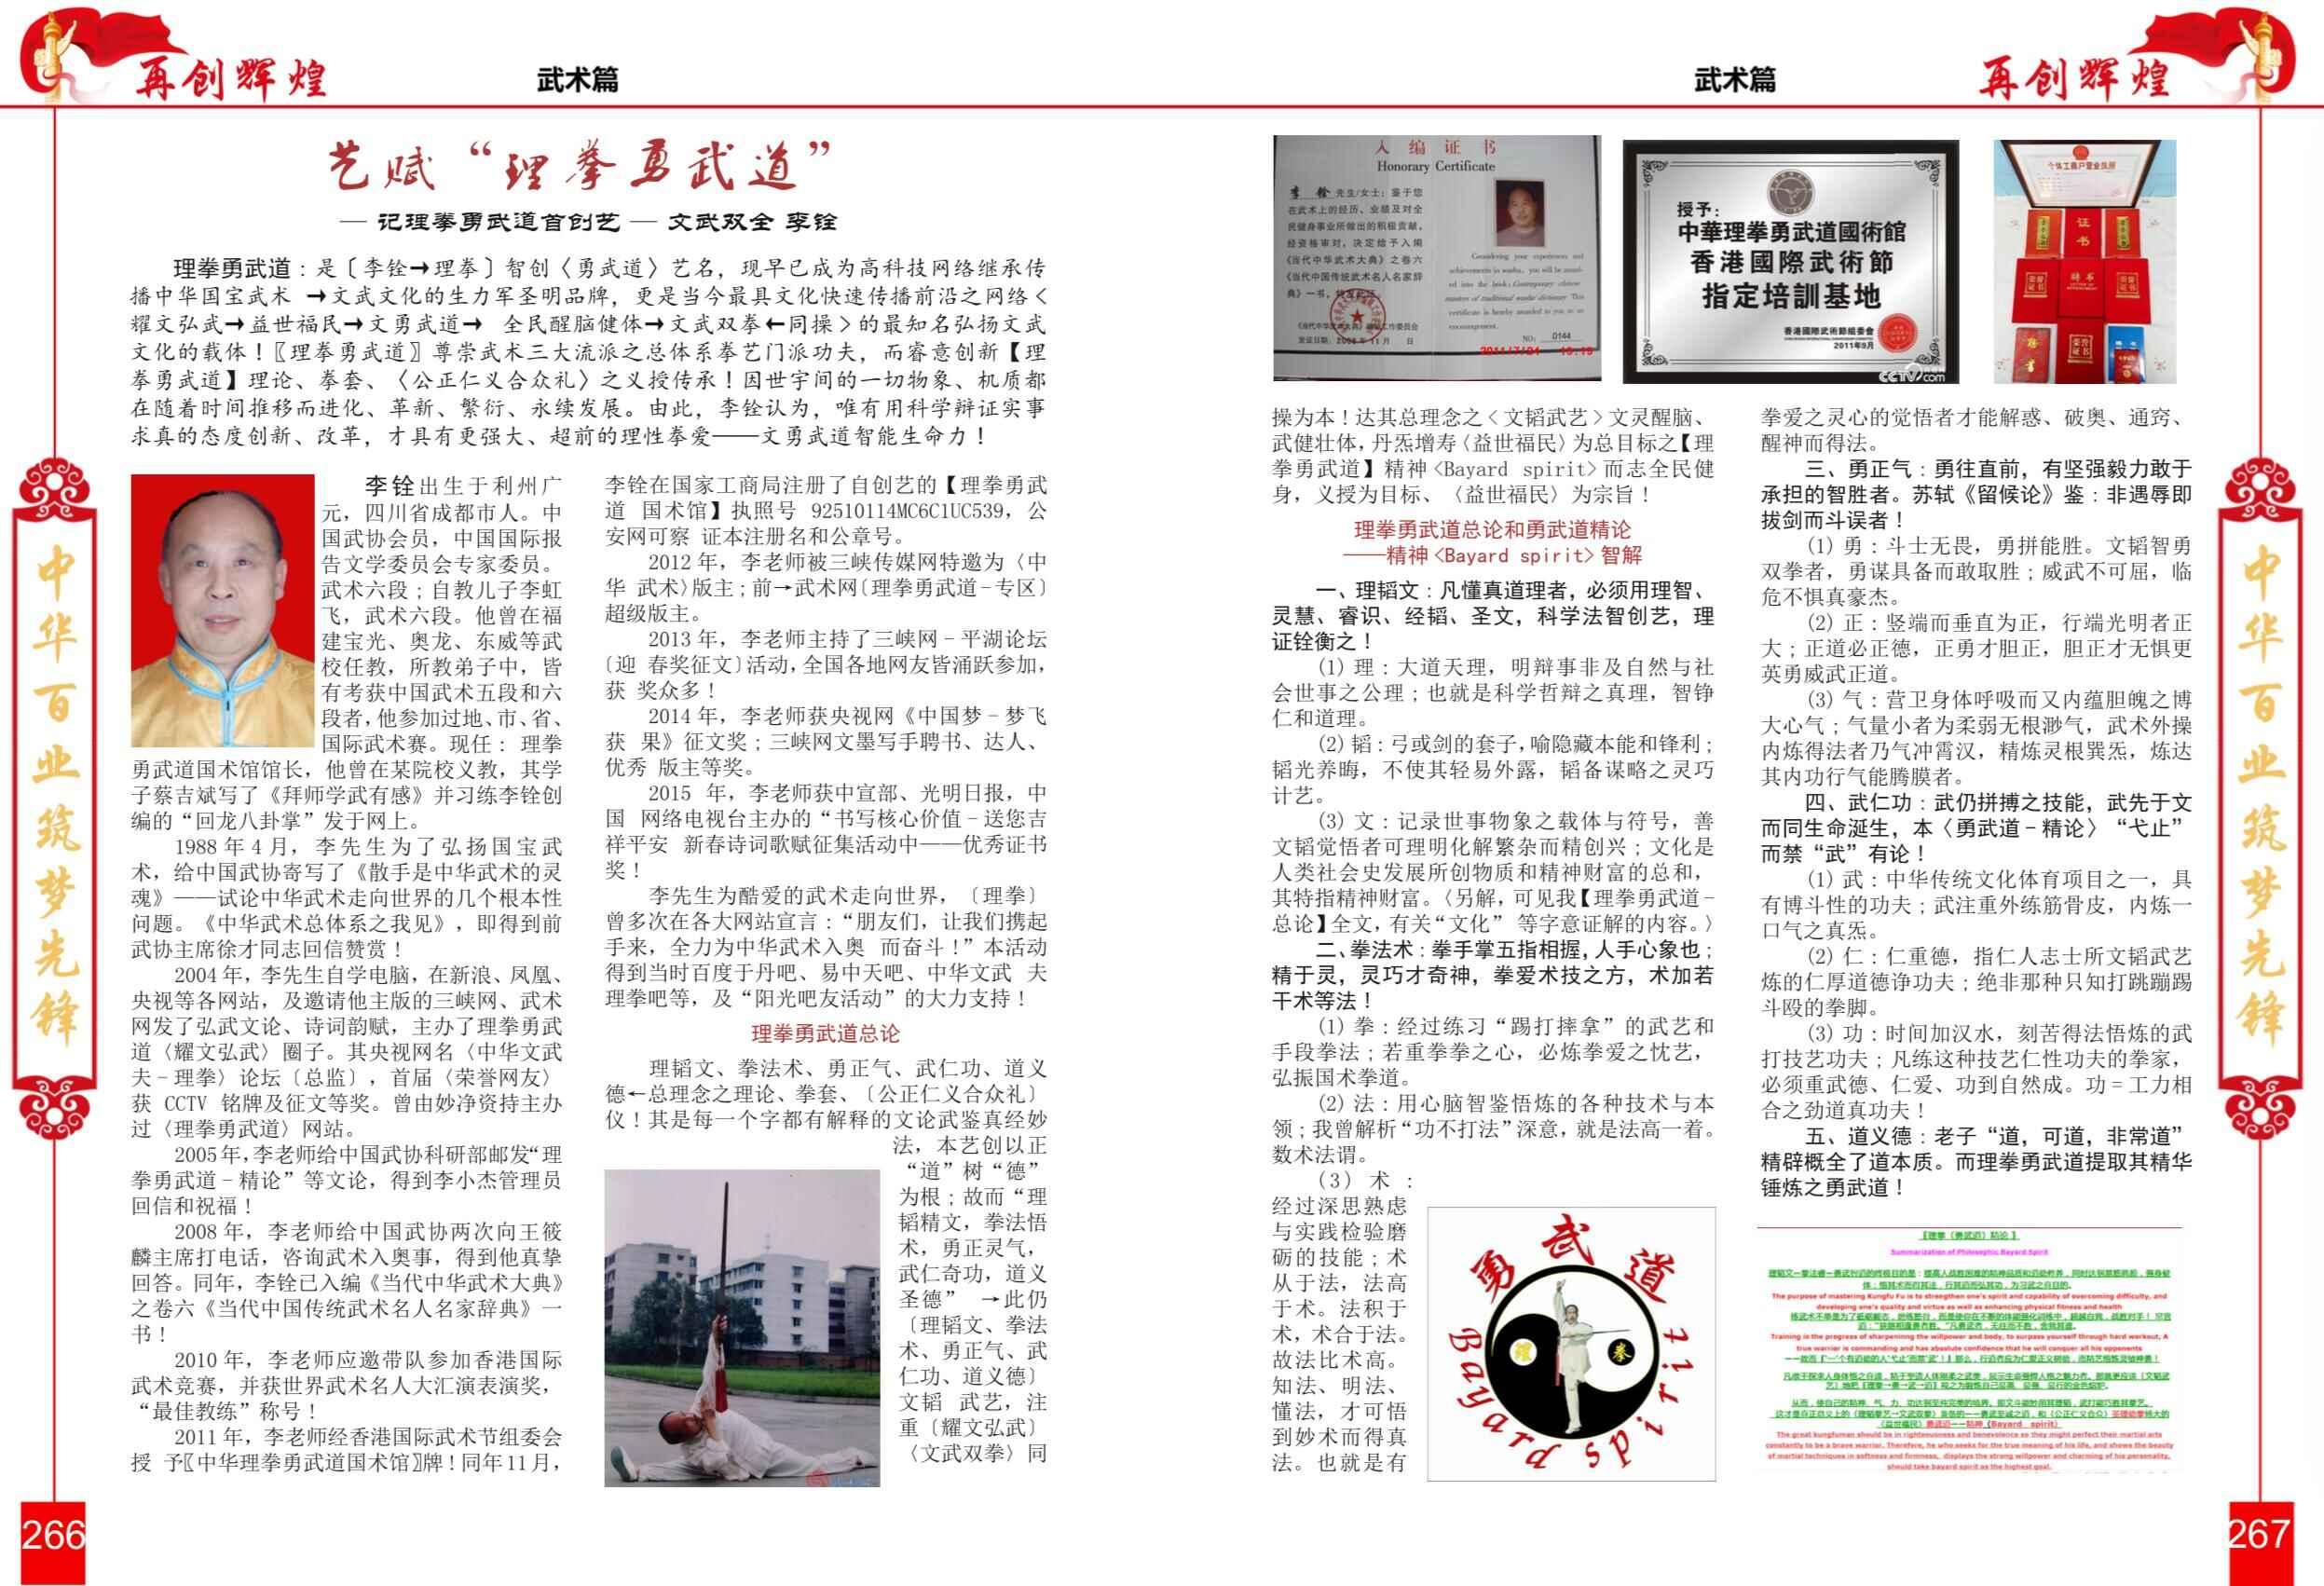 ★中國文化傳承委員會新發編輯資審閱稿新四審圖片20180712112942.jpg